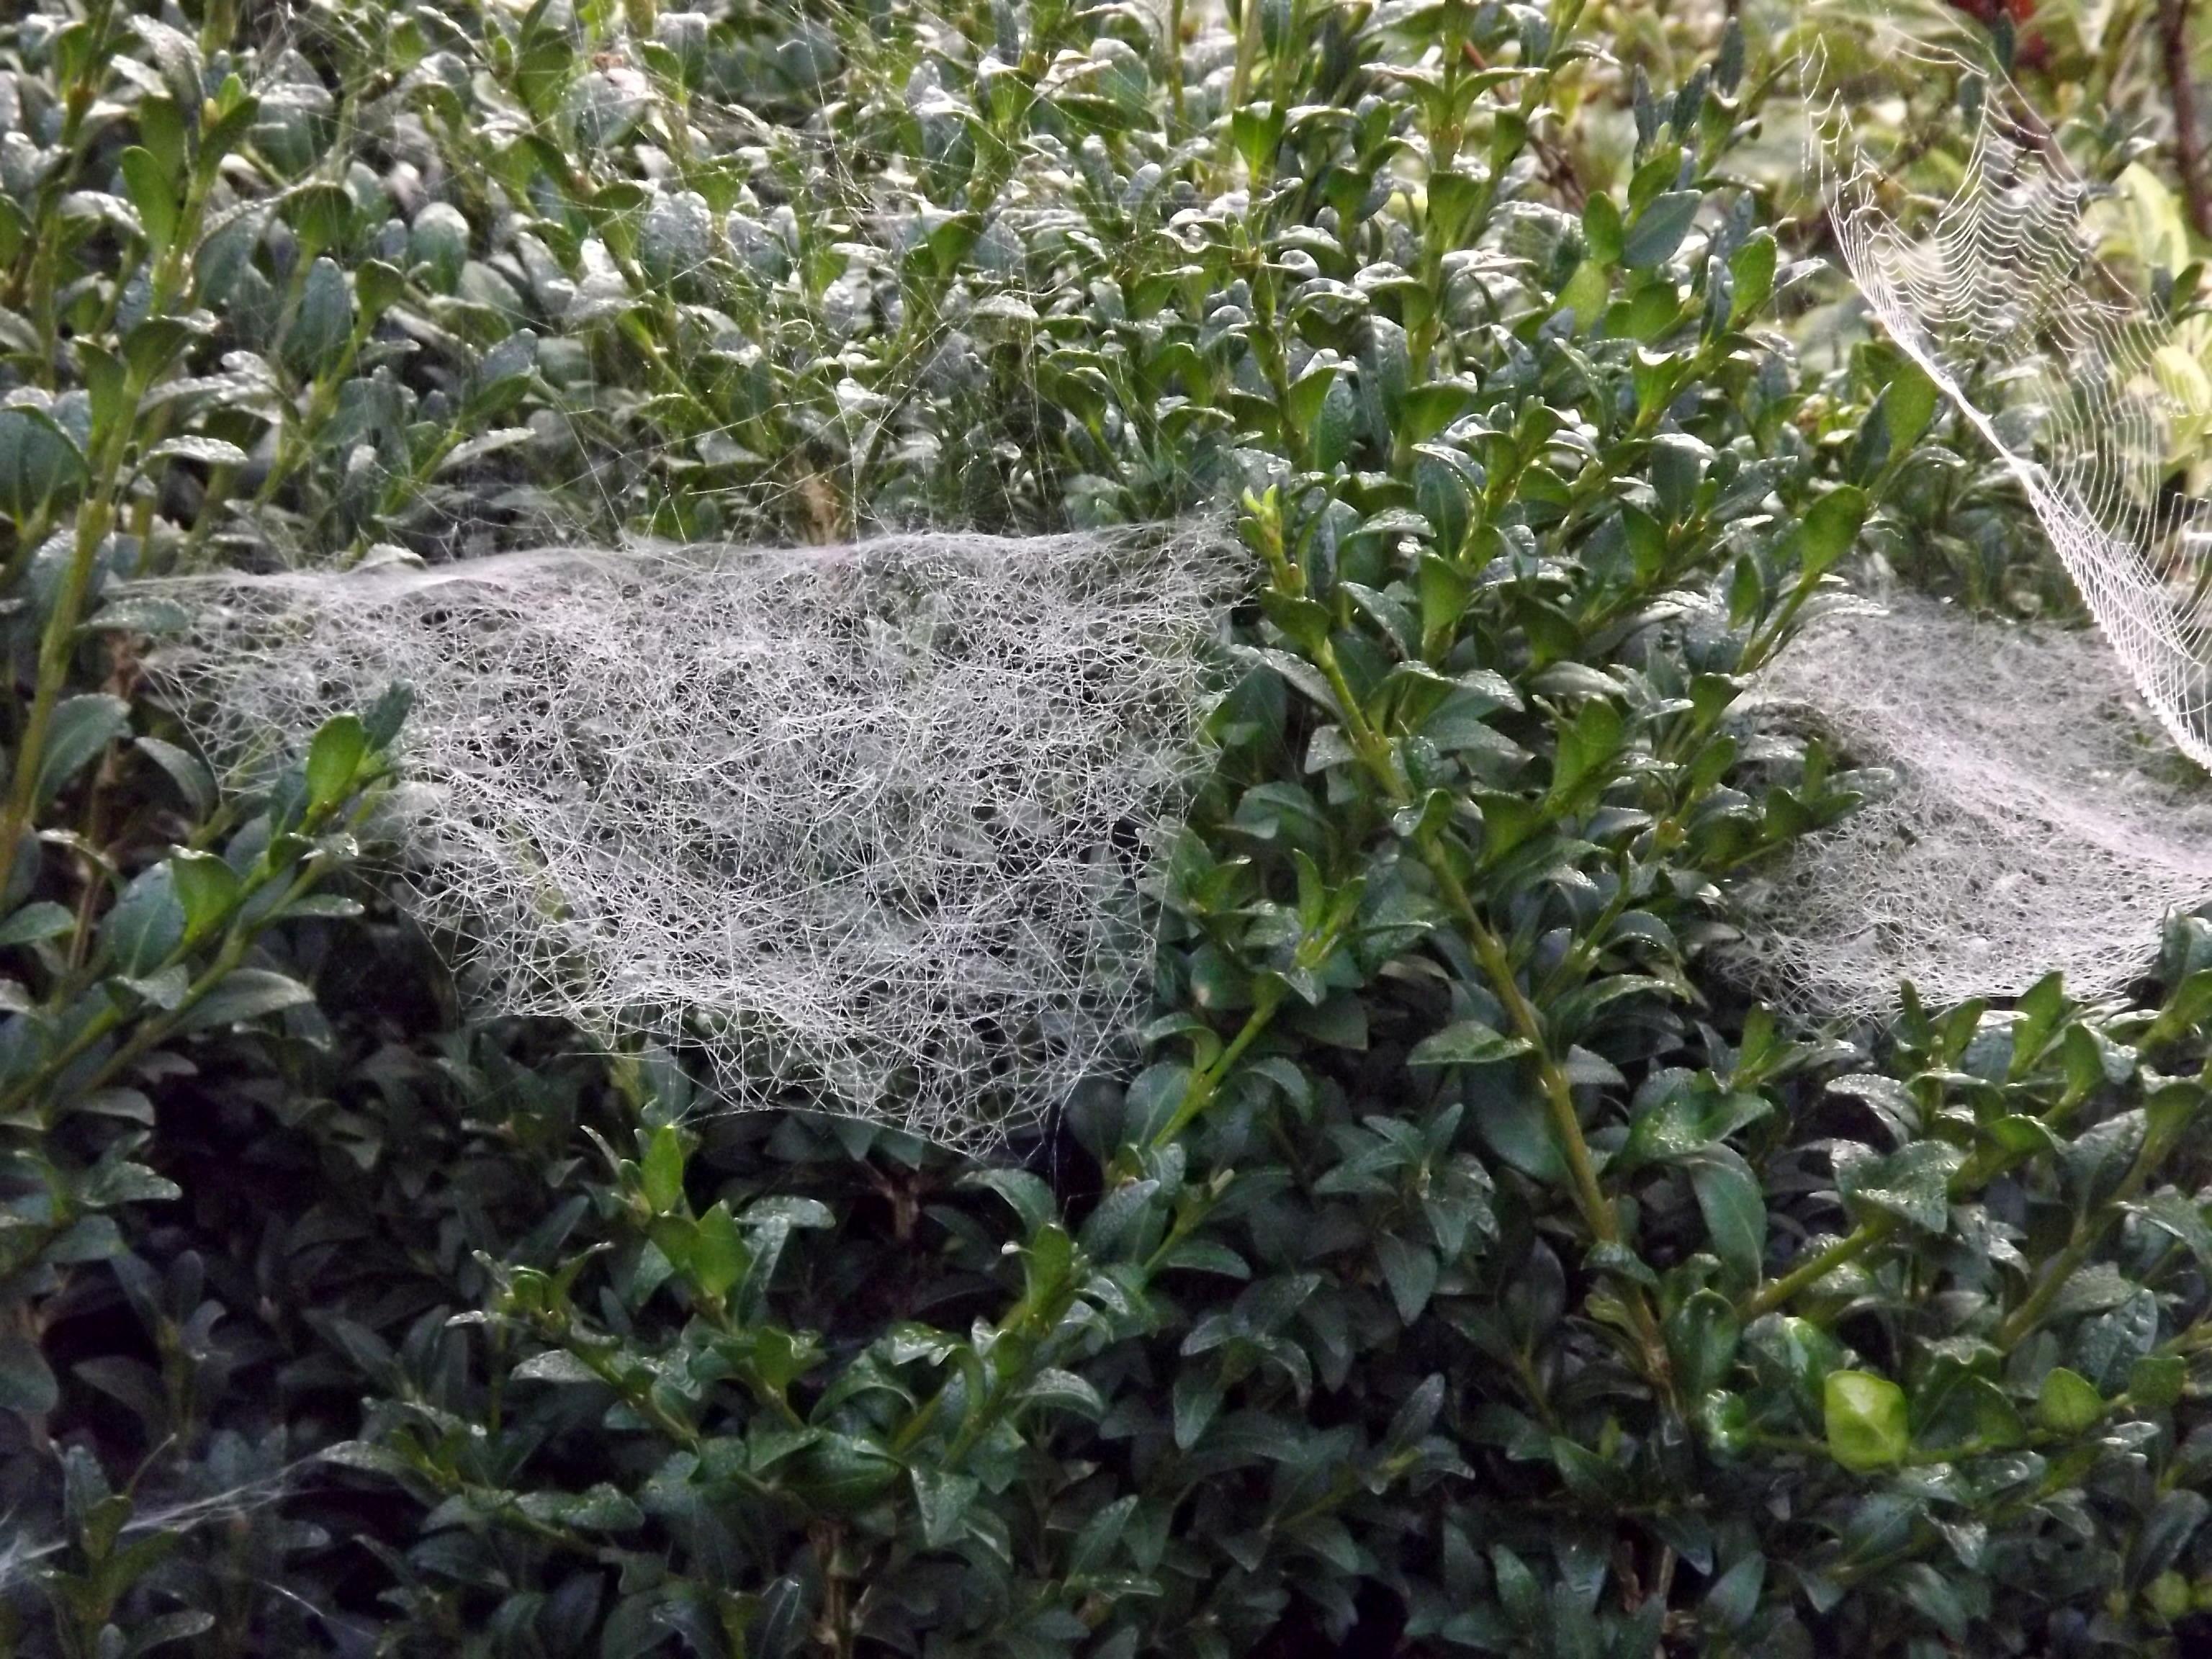 6480-spinnennetz-busch-buchsbaum